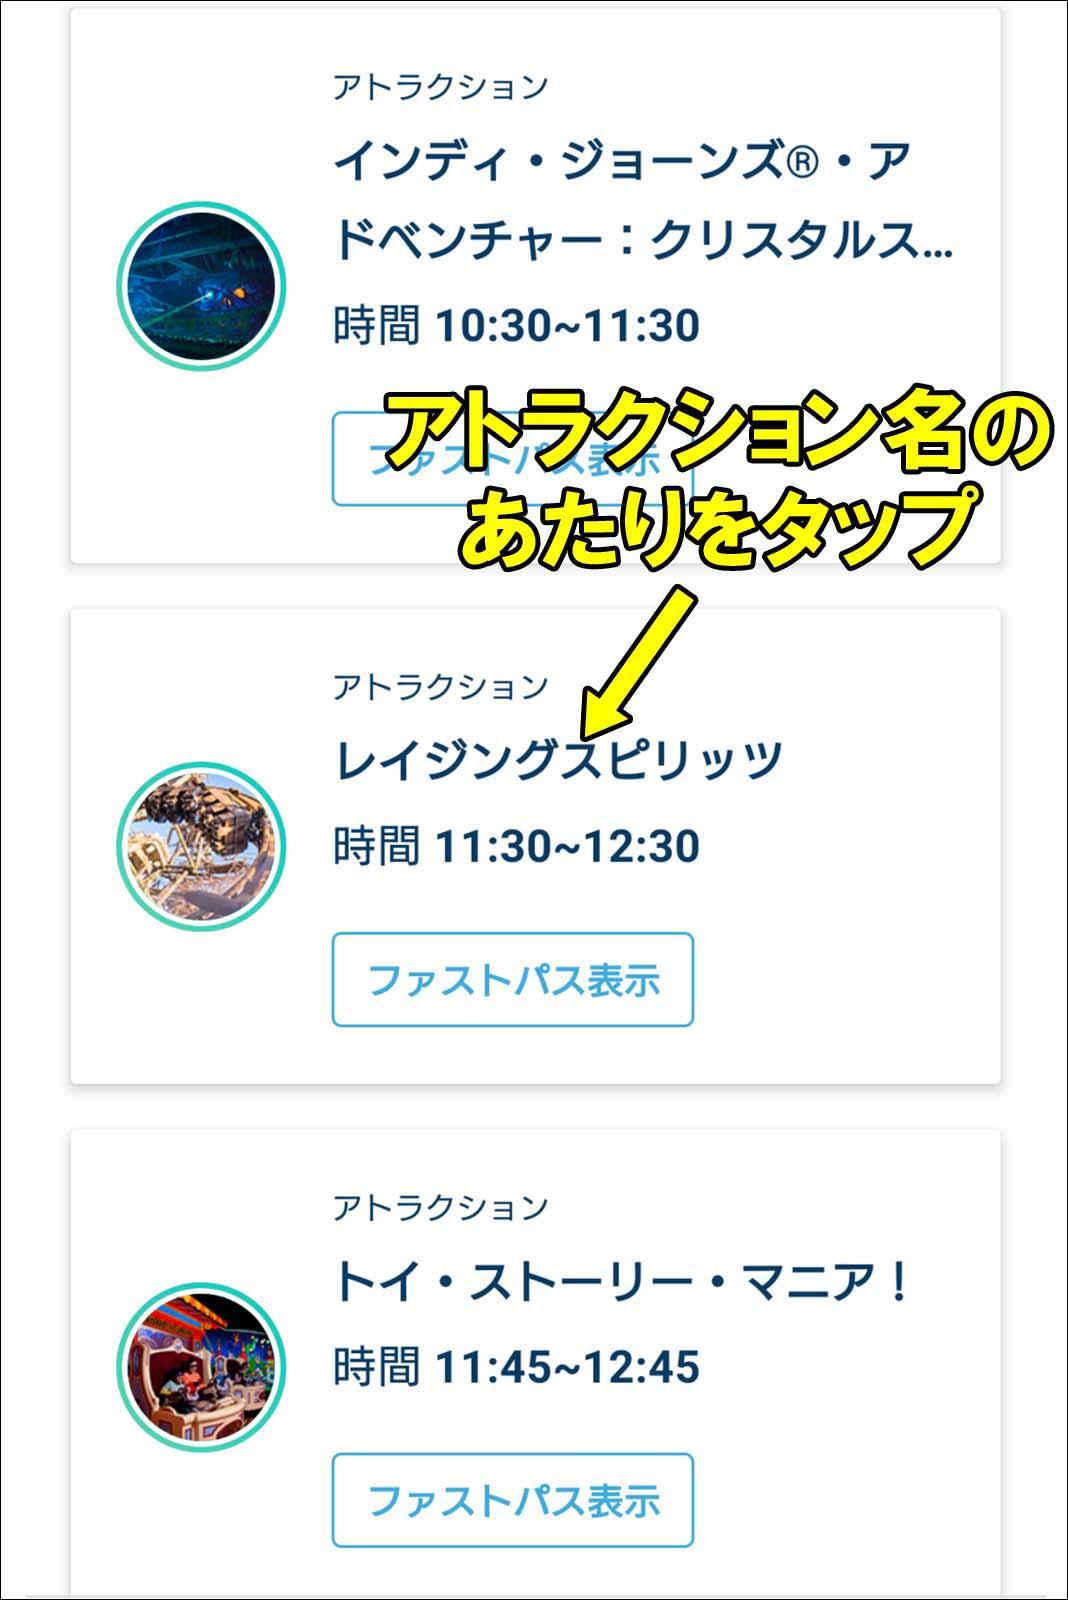 ディズニー・ファストパス 公式アプリ スマートフォン